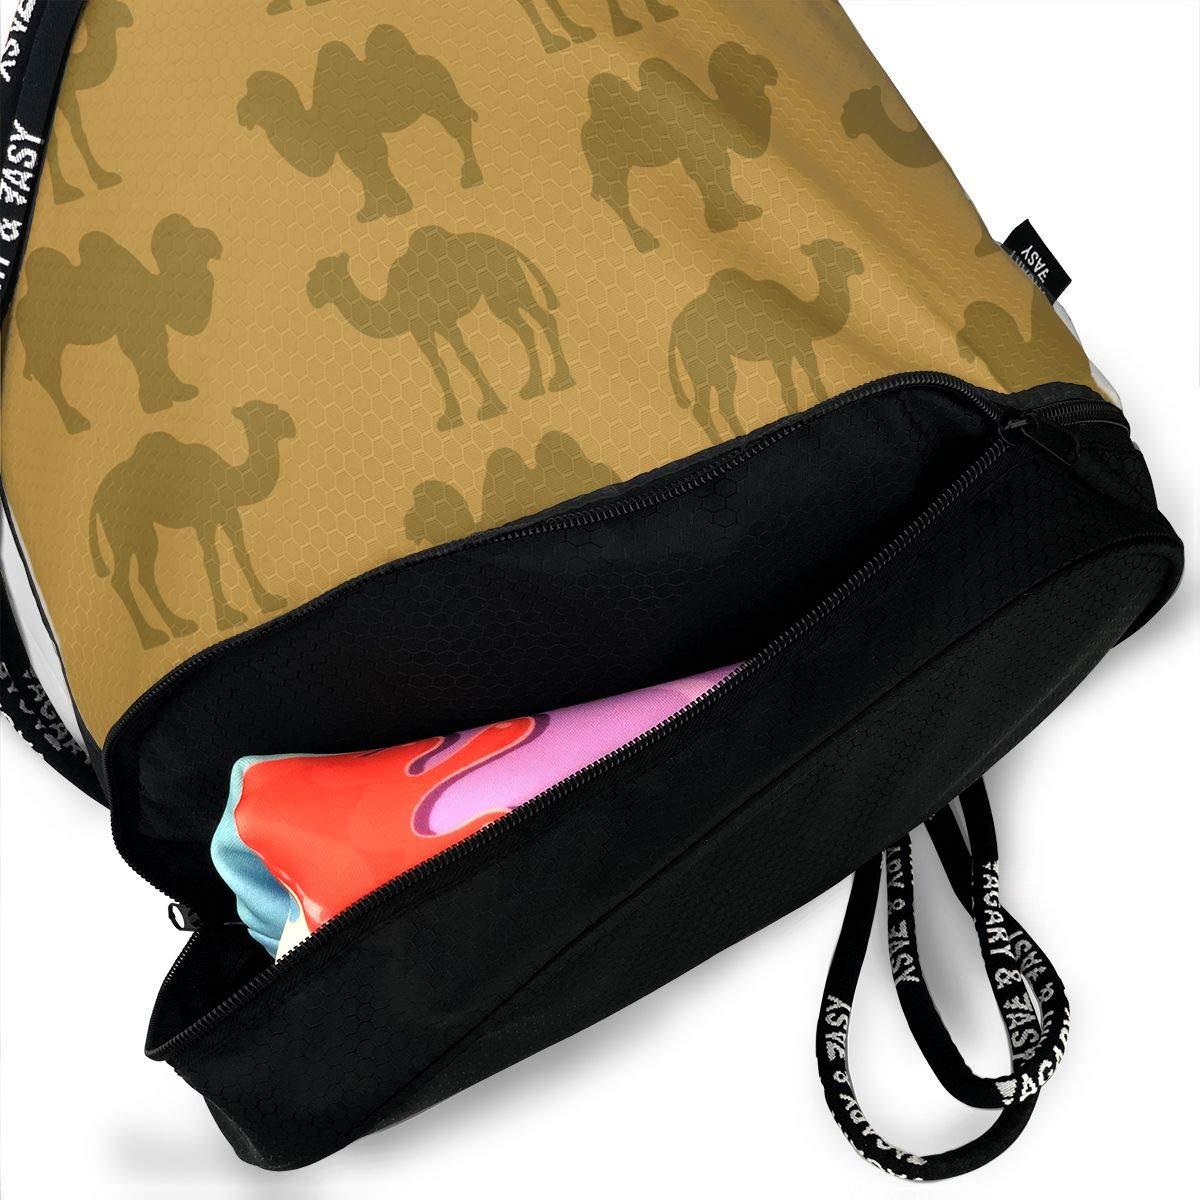 HUOPR5Q Floral Drawstring Backpack Sport Gym Sack Shoulder Bulk Bag Dance Bag for School Travel